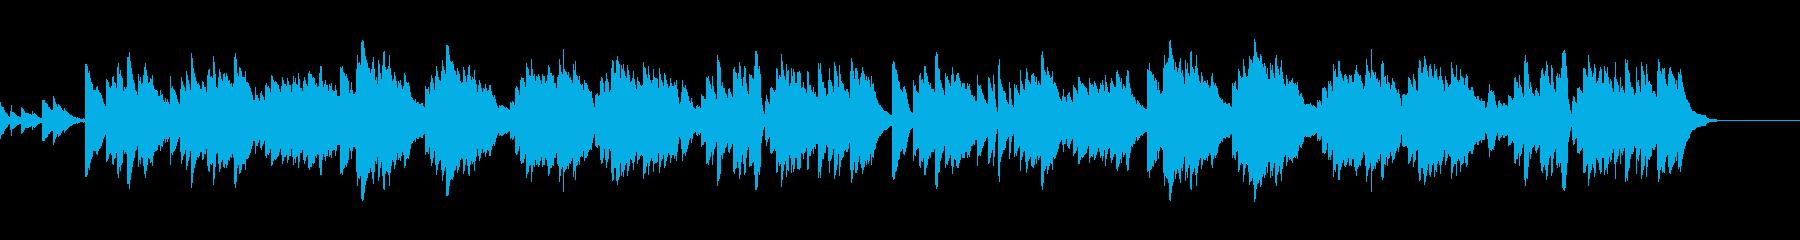 「通りゃんせ」nord ピアノアレンジの再生済みの波形